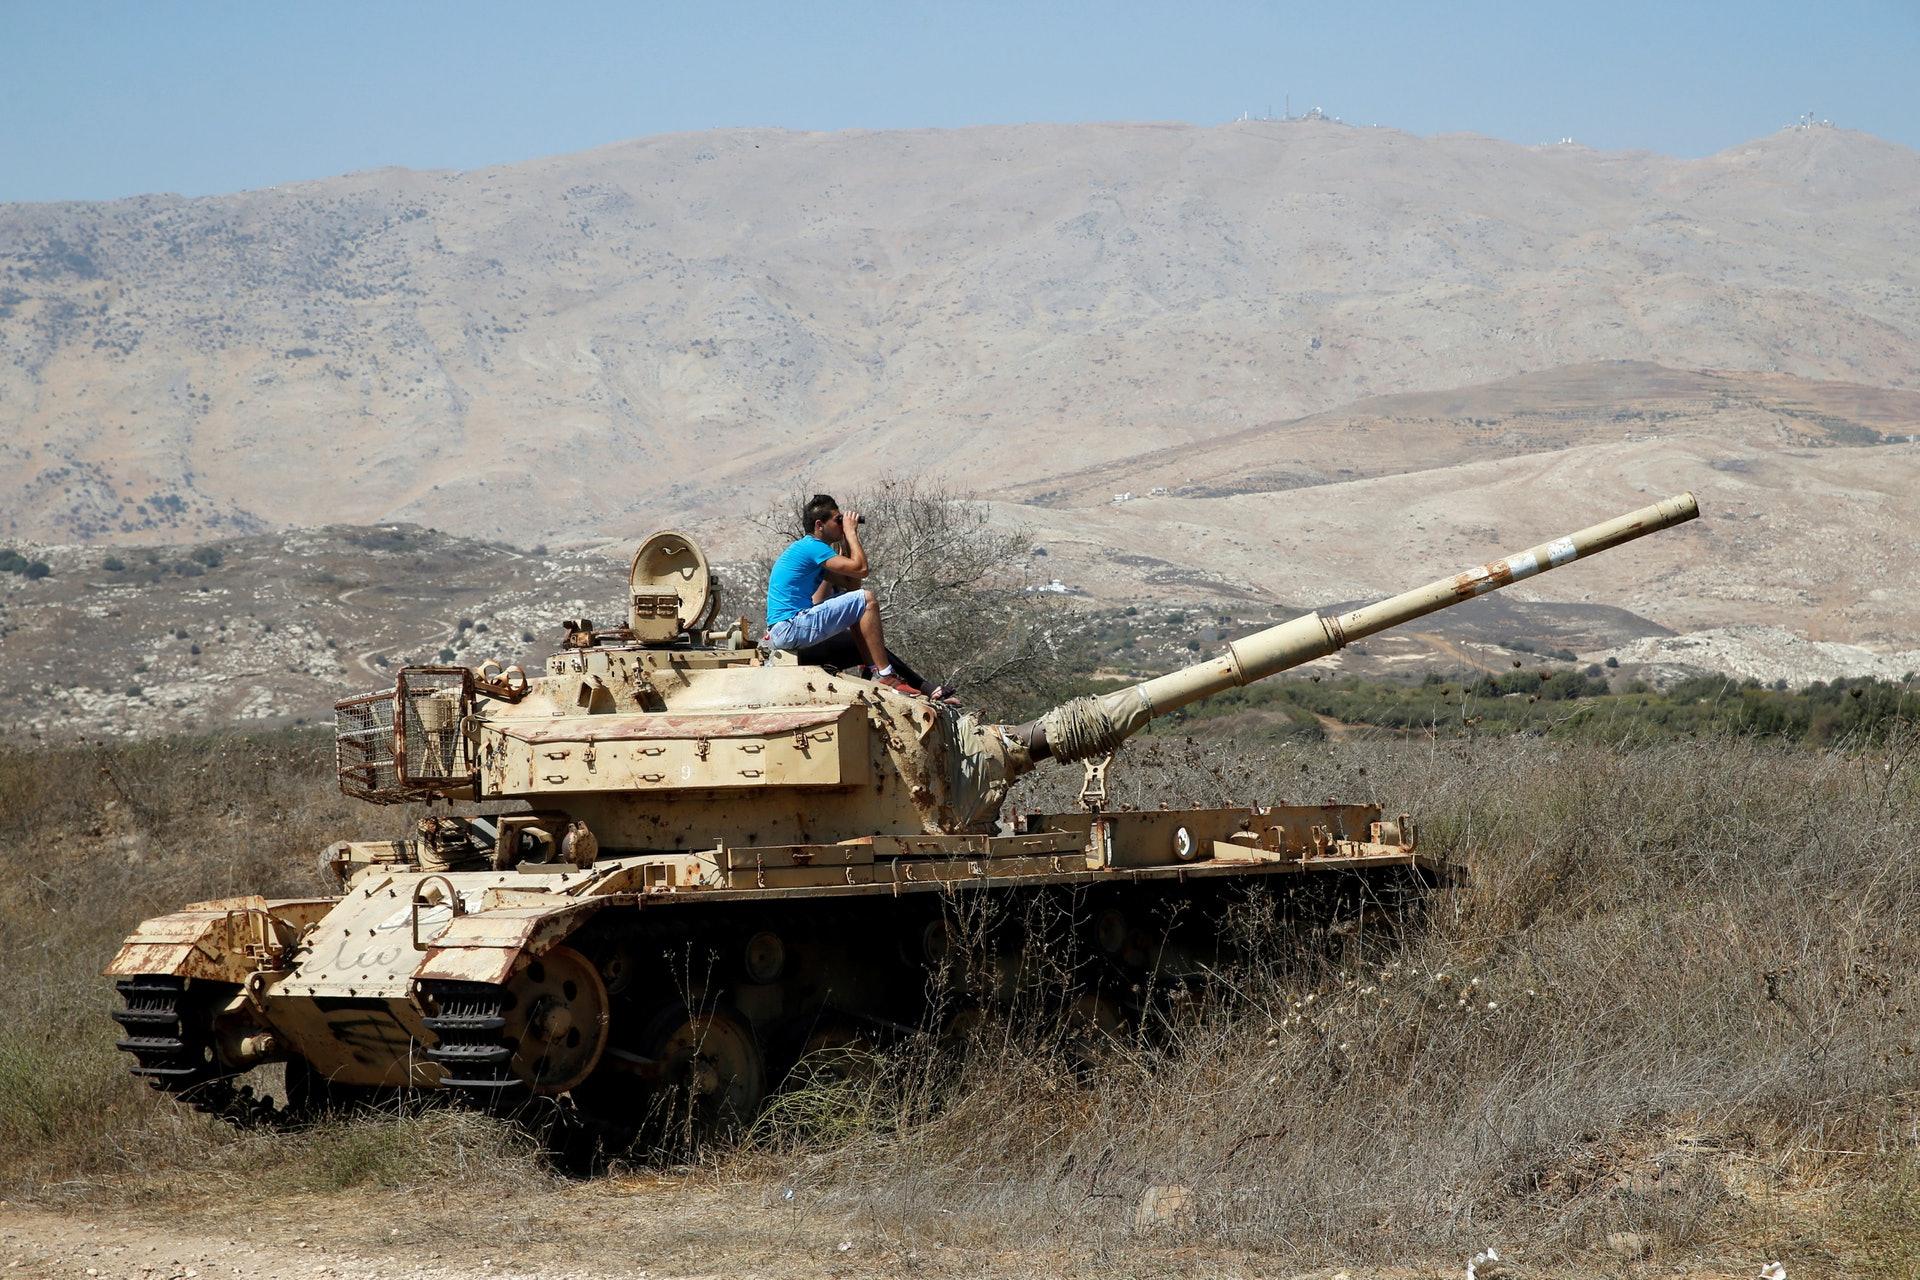 戈蘭高地乃以色列及敘利亞之間具爭議的土地,自1967年起就由以色列實際掌控。(路透社)